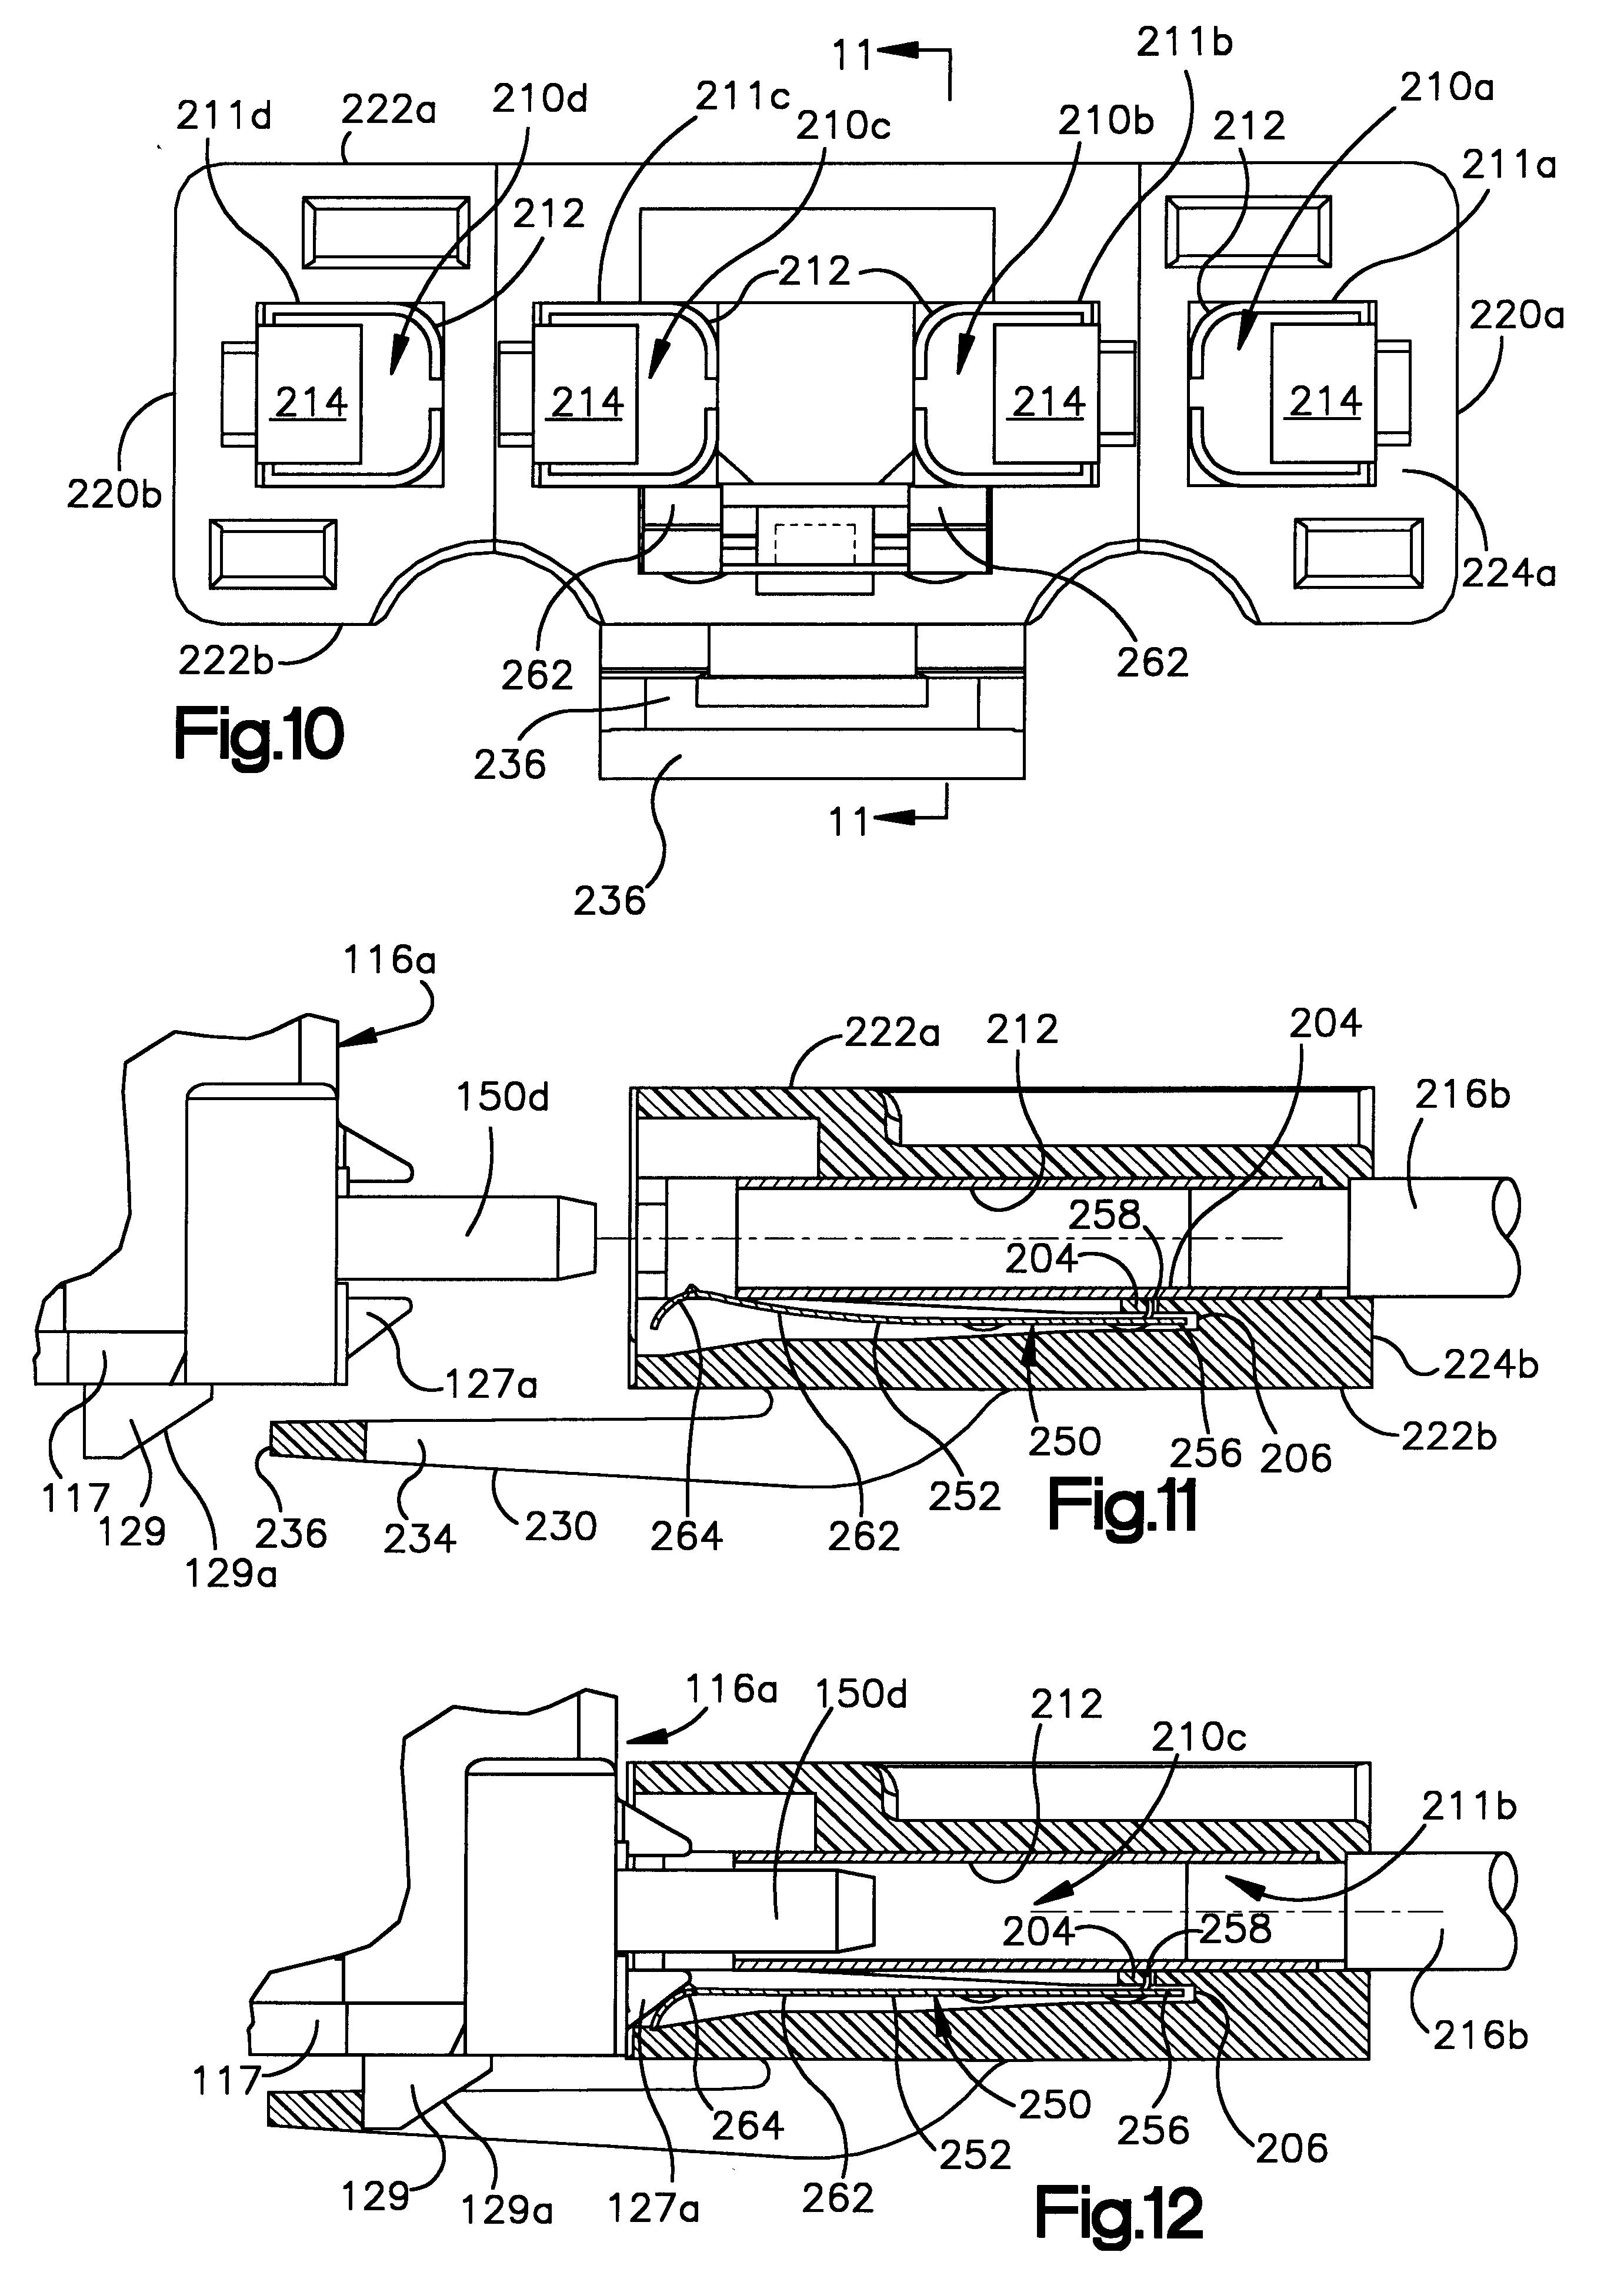 210c Wiring Diagram - Wiring Diagrams Schematics